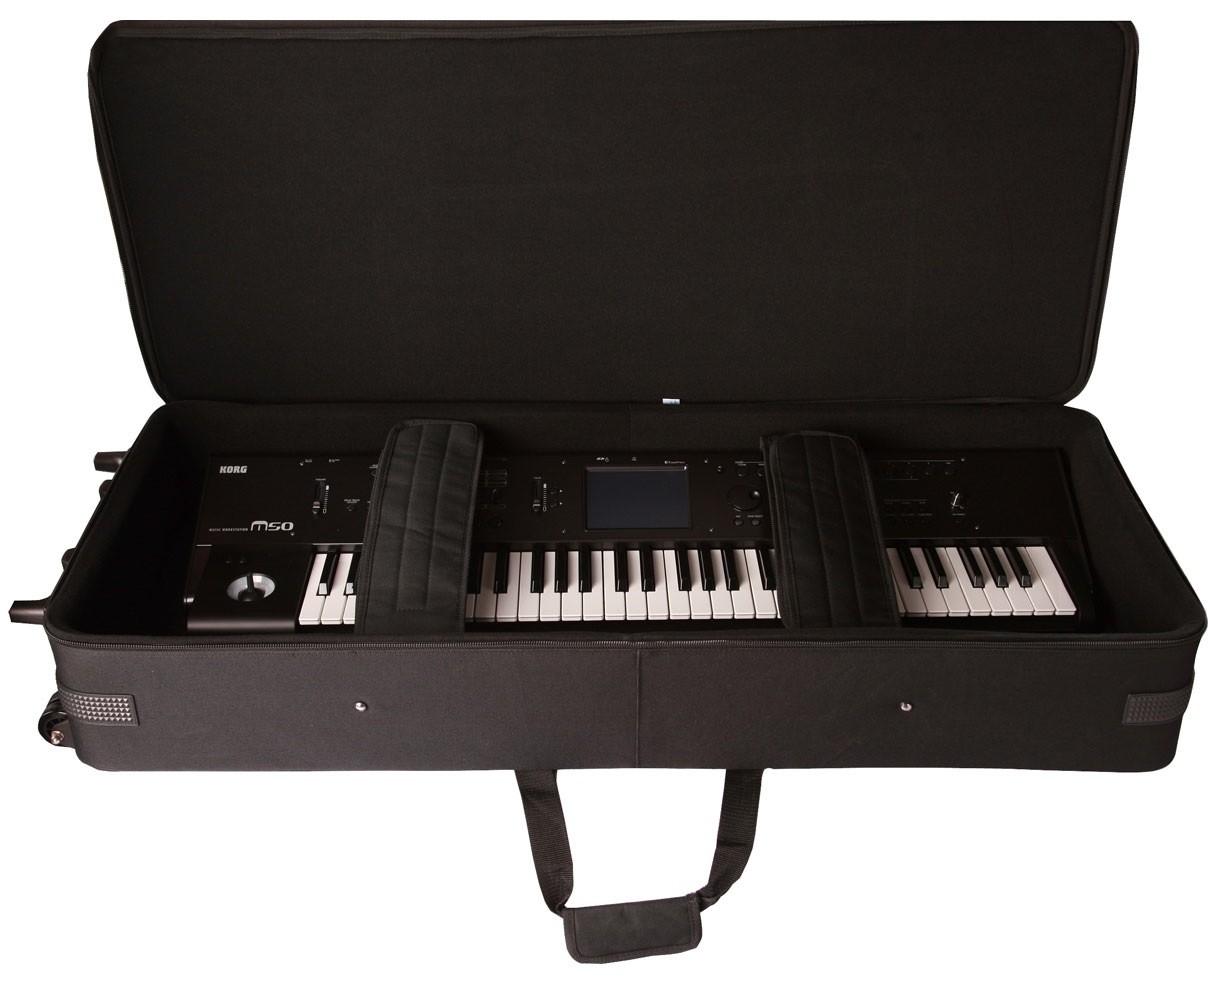 Gator GK88 Keyboard Case w/ Wheels, Extra Slim